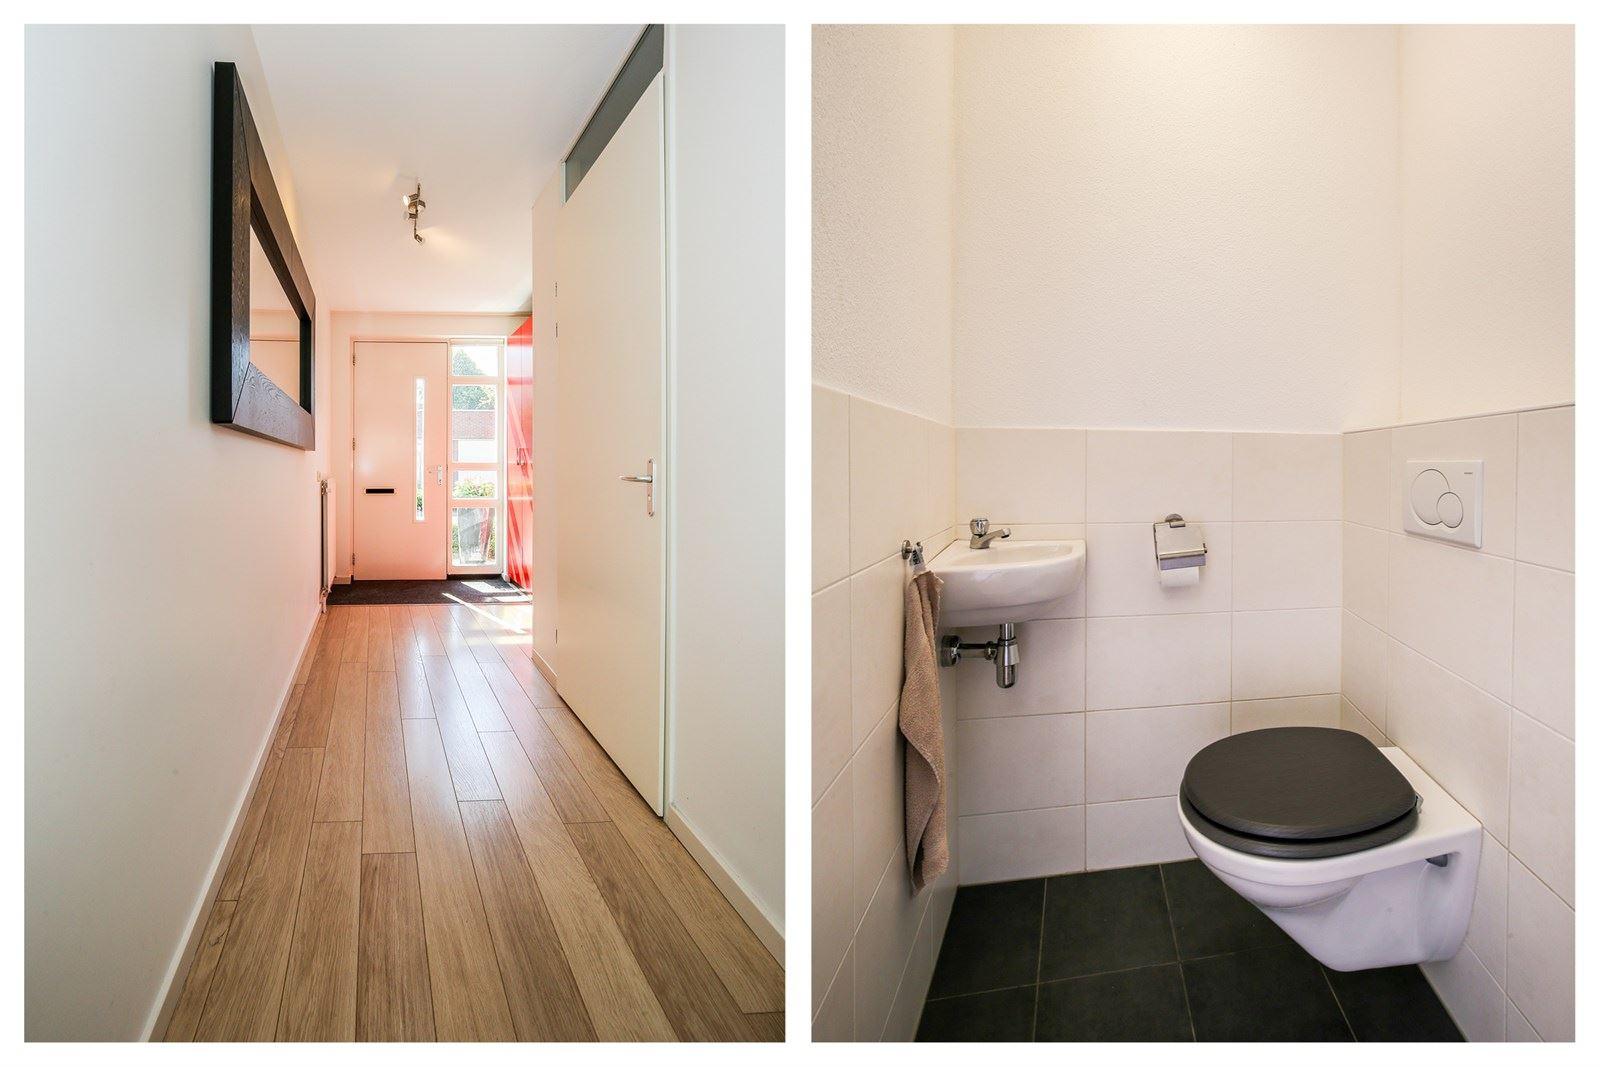 Mechanische Ventilatie Badkamer : Ventilatie badkamer huurwoning studio ina boudier bakkerlaan te